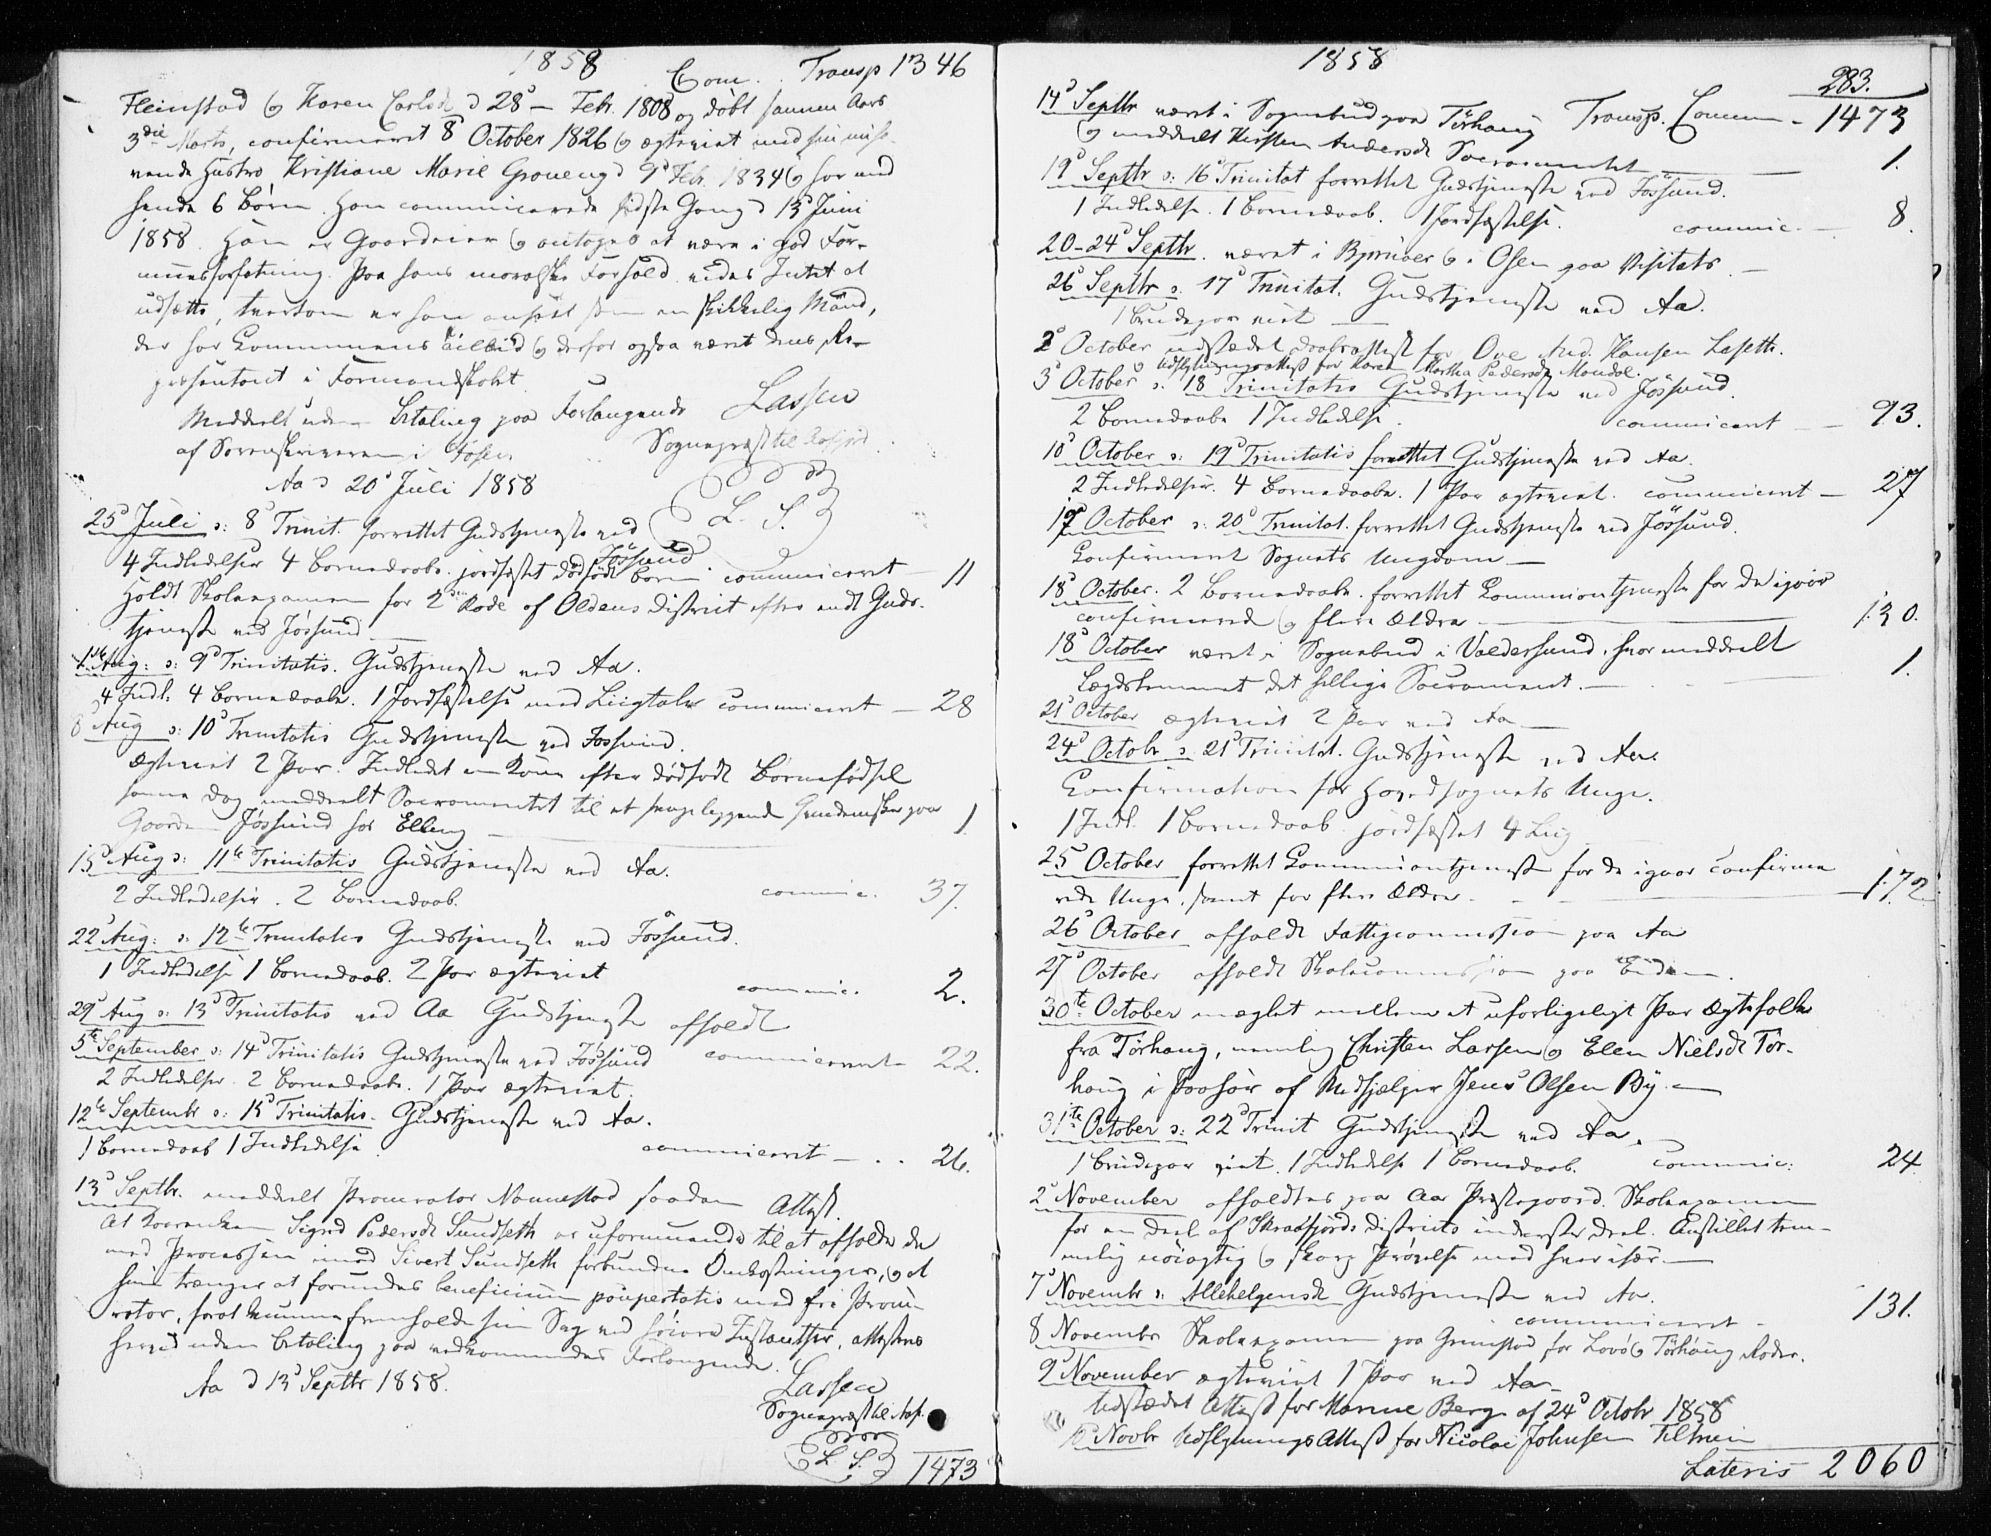 SAT, Ministerialprotokoller, klokkerbøker og fødselsregistre - Sør-Trøndelag, 655/L0677: Ministerialbok nr. 655A06, 1847-1860, s. 283